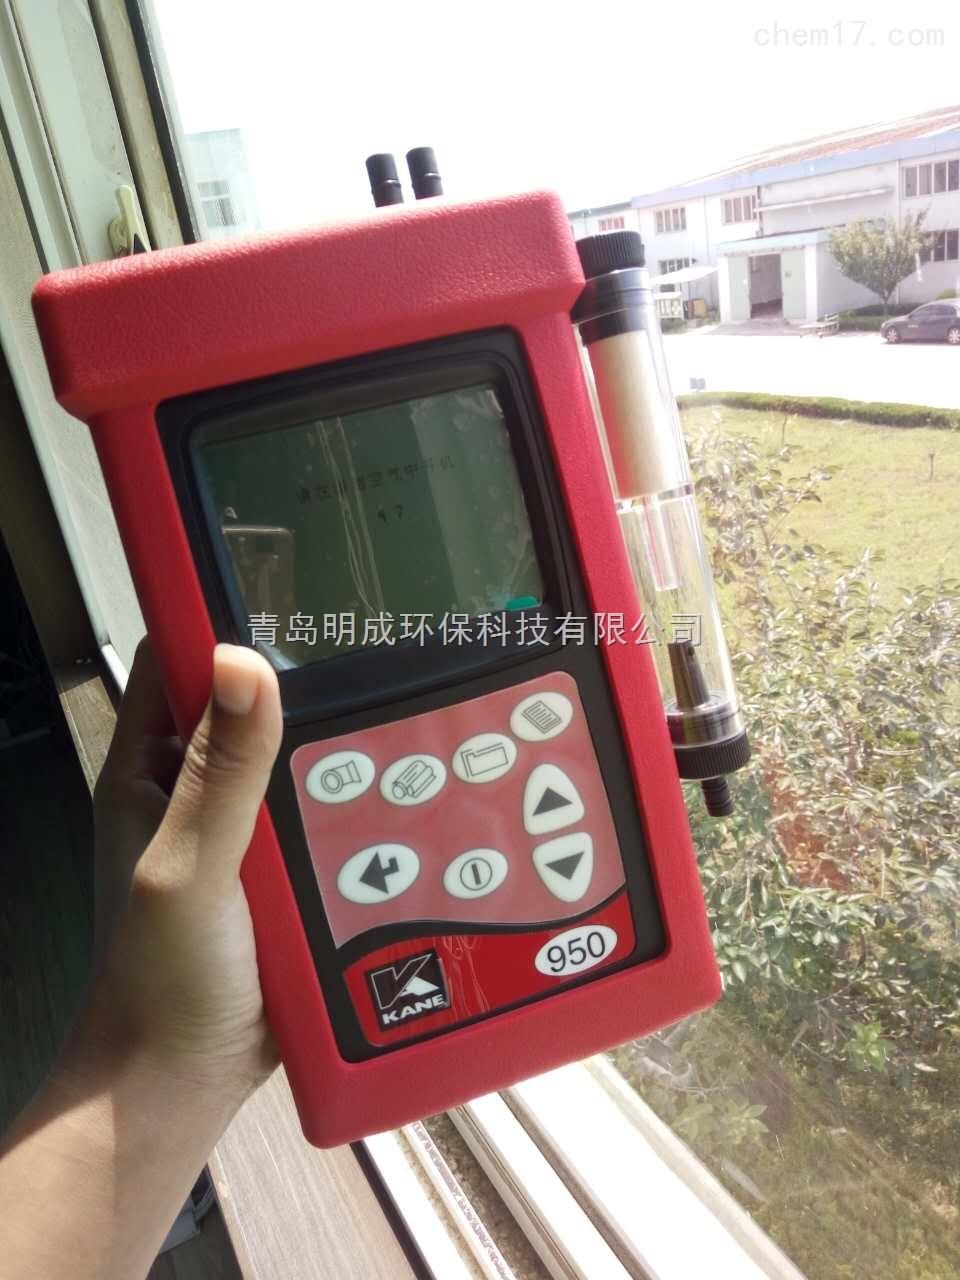 英凯恩KANE905 手持式烟气分析仪现货